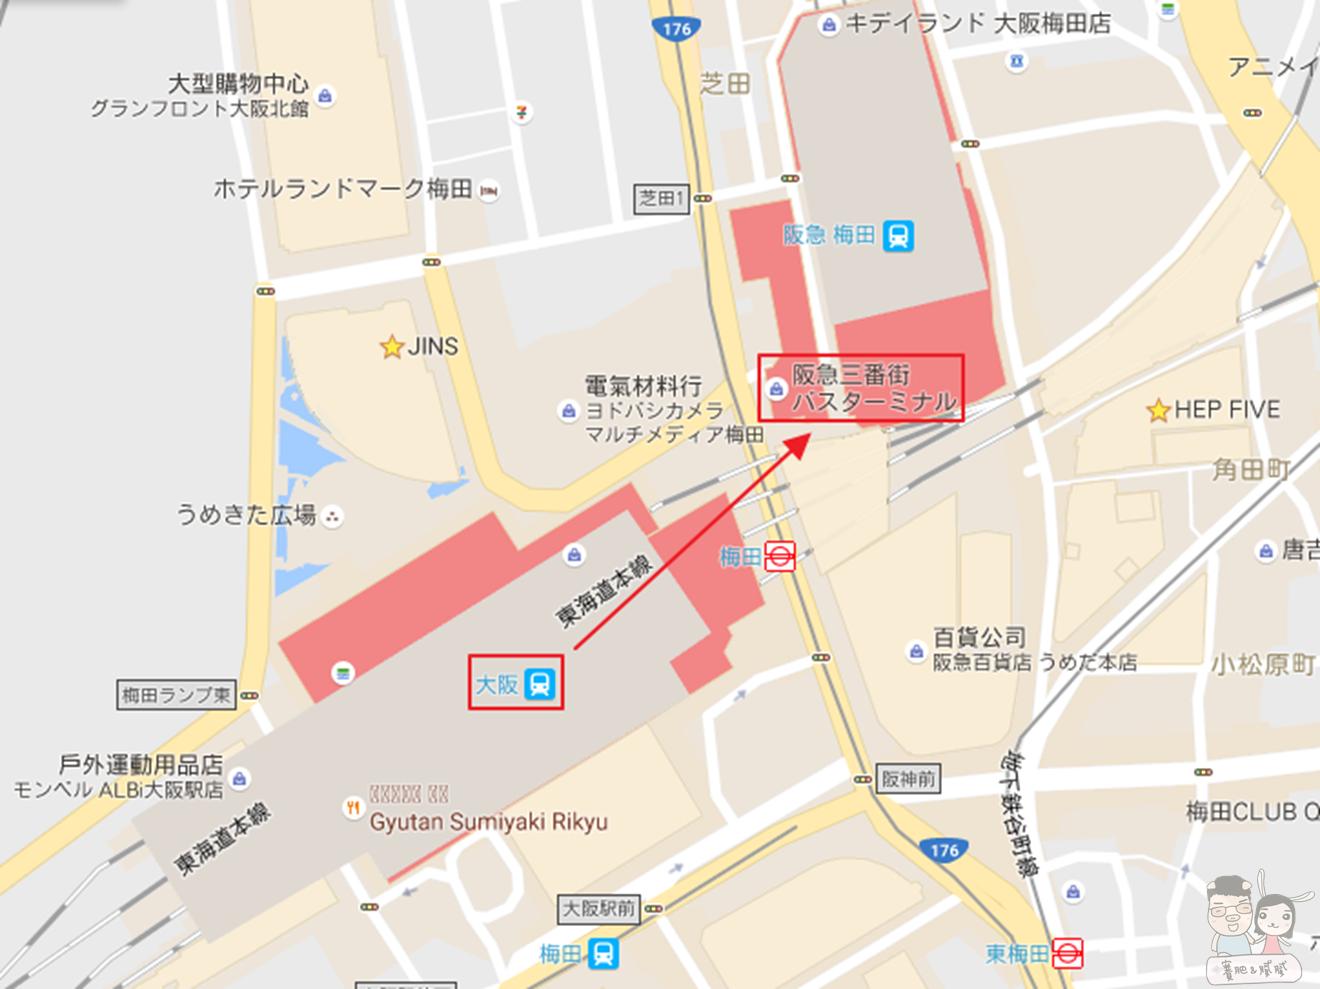 googlemap-copy